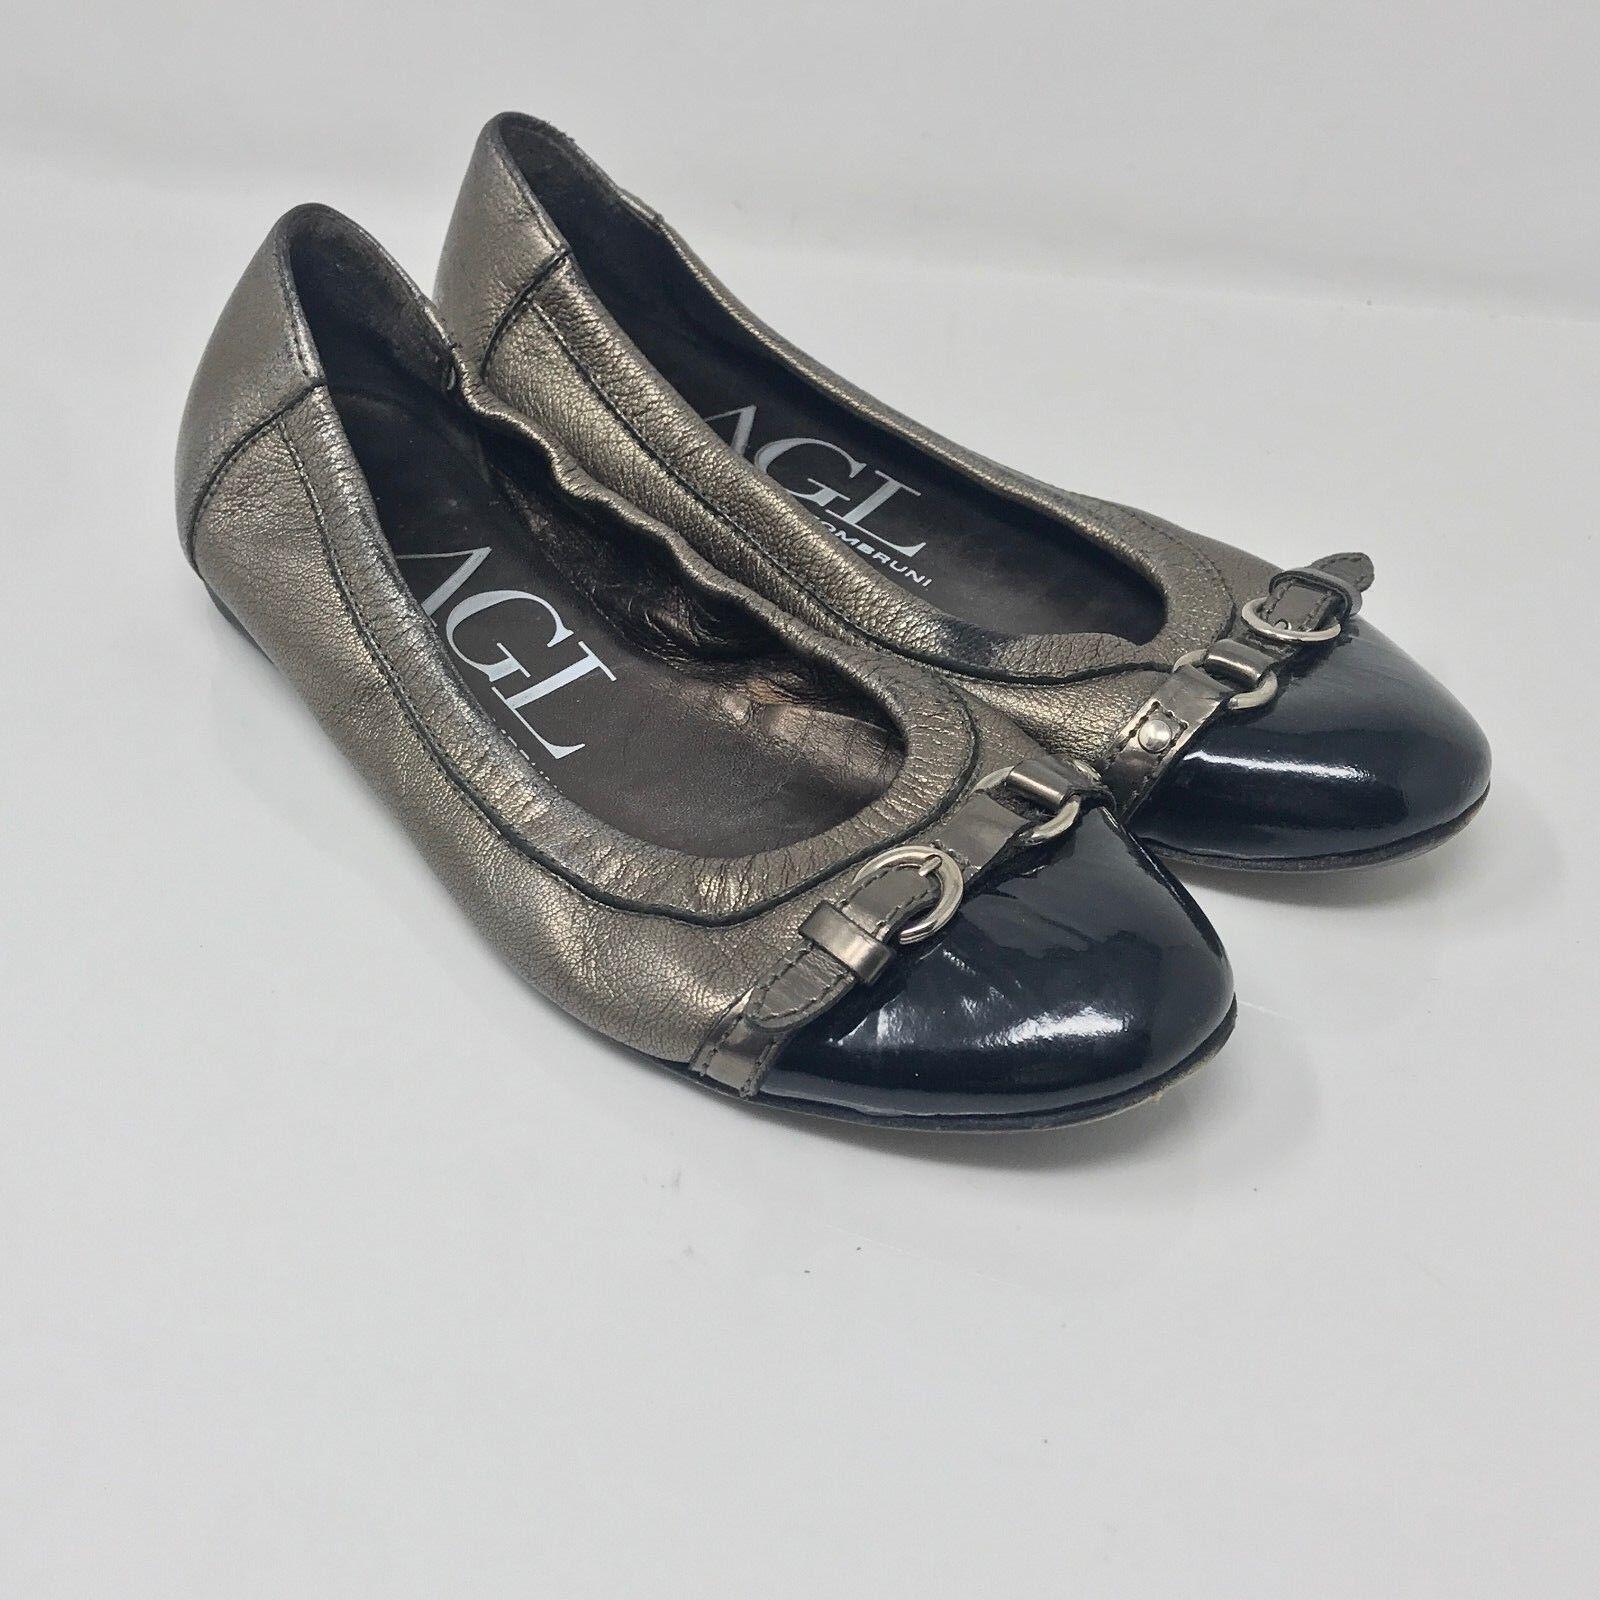 Attilio Giusti Leombruni AGL Cap Toe buckle leather Ballet Flats size 36 6